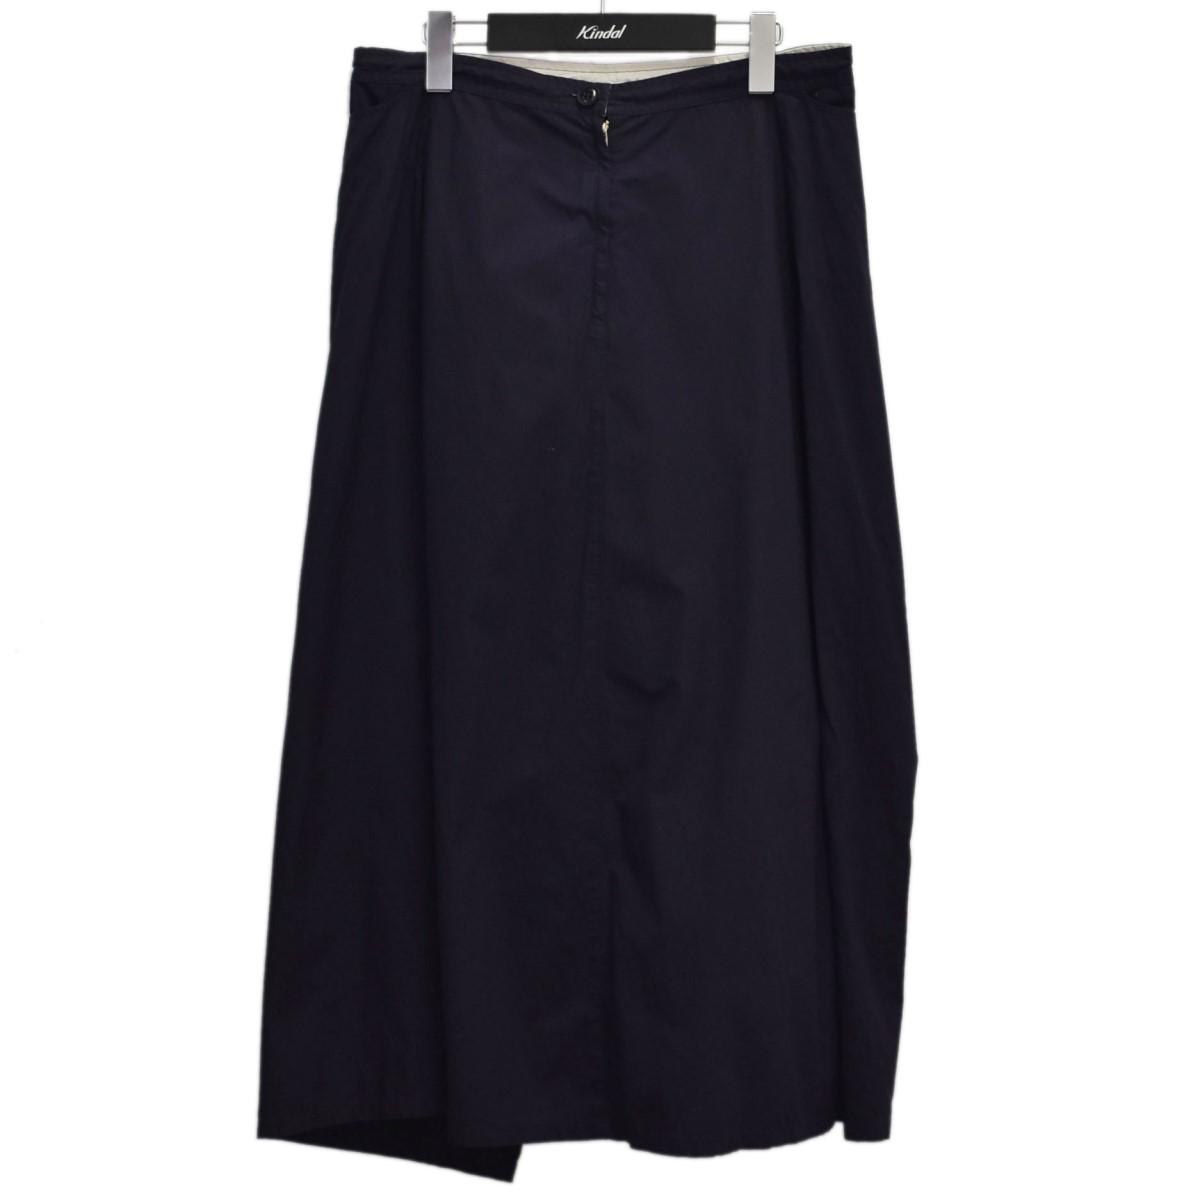 ワイズ 【中古】Y'S 20SS 変形 スカート ネイビー サイズ:2 【160921】(ワイズ)